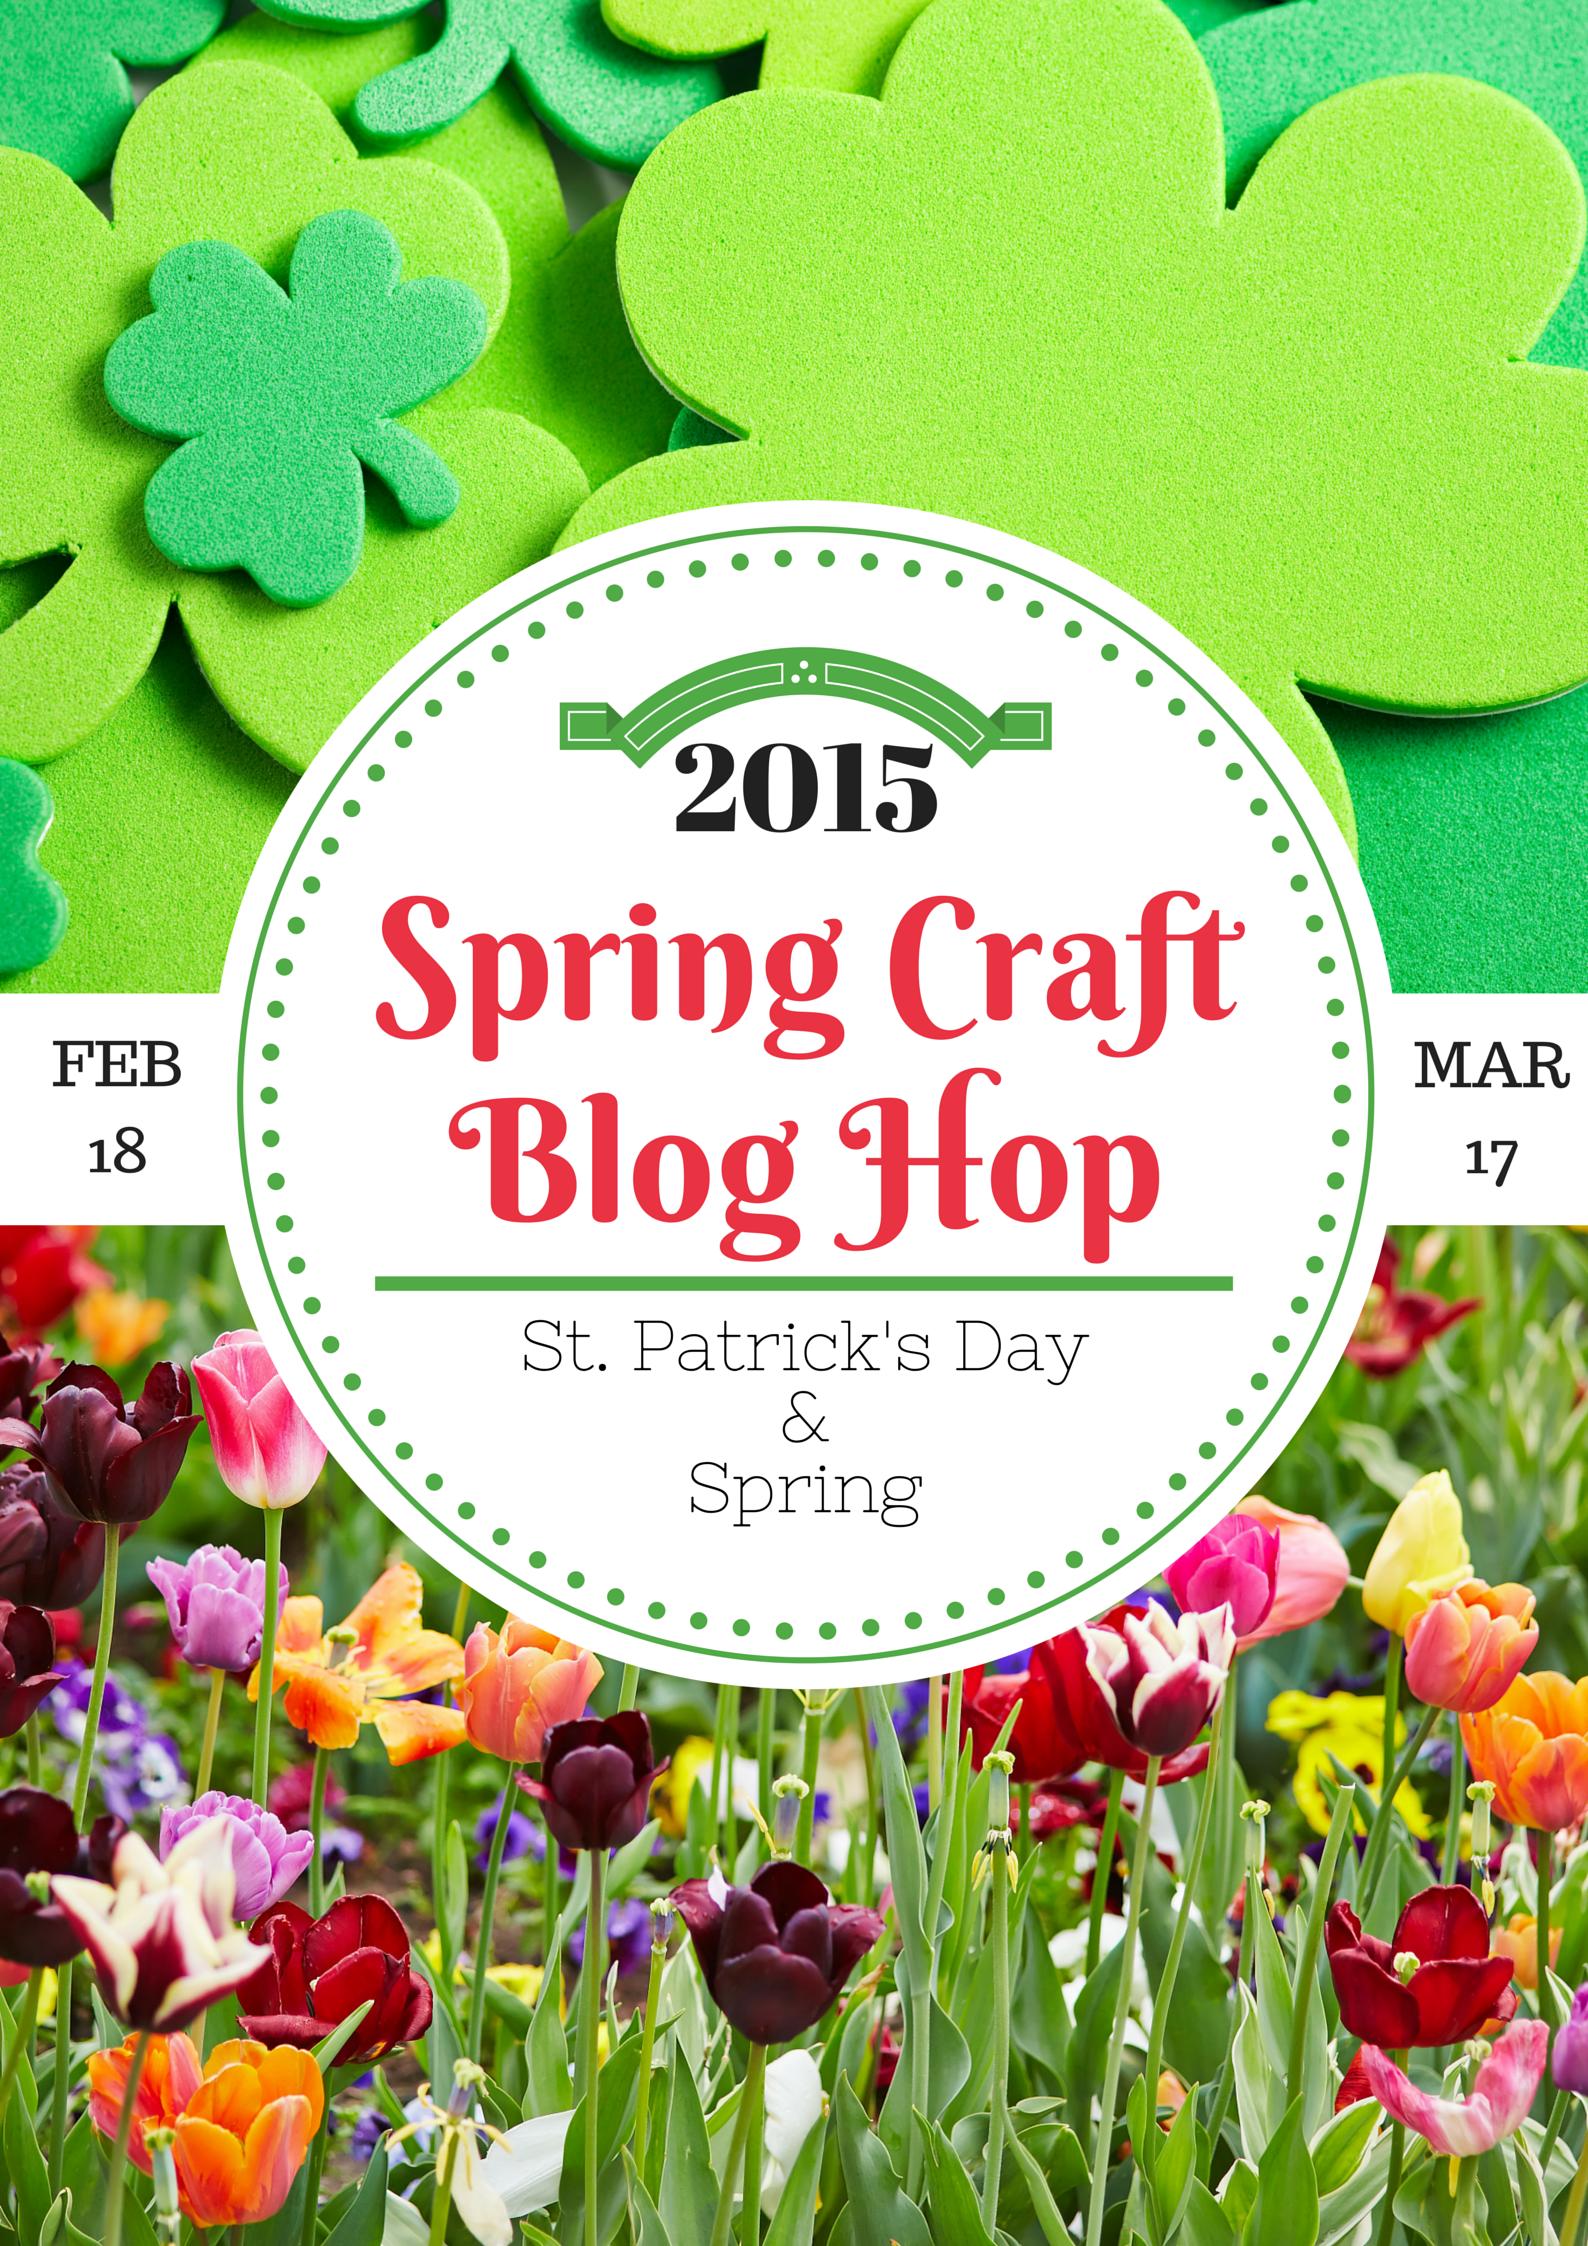 Crafts for Spring 2015